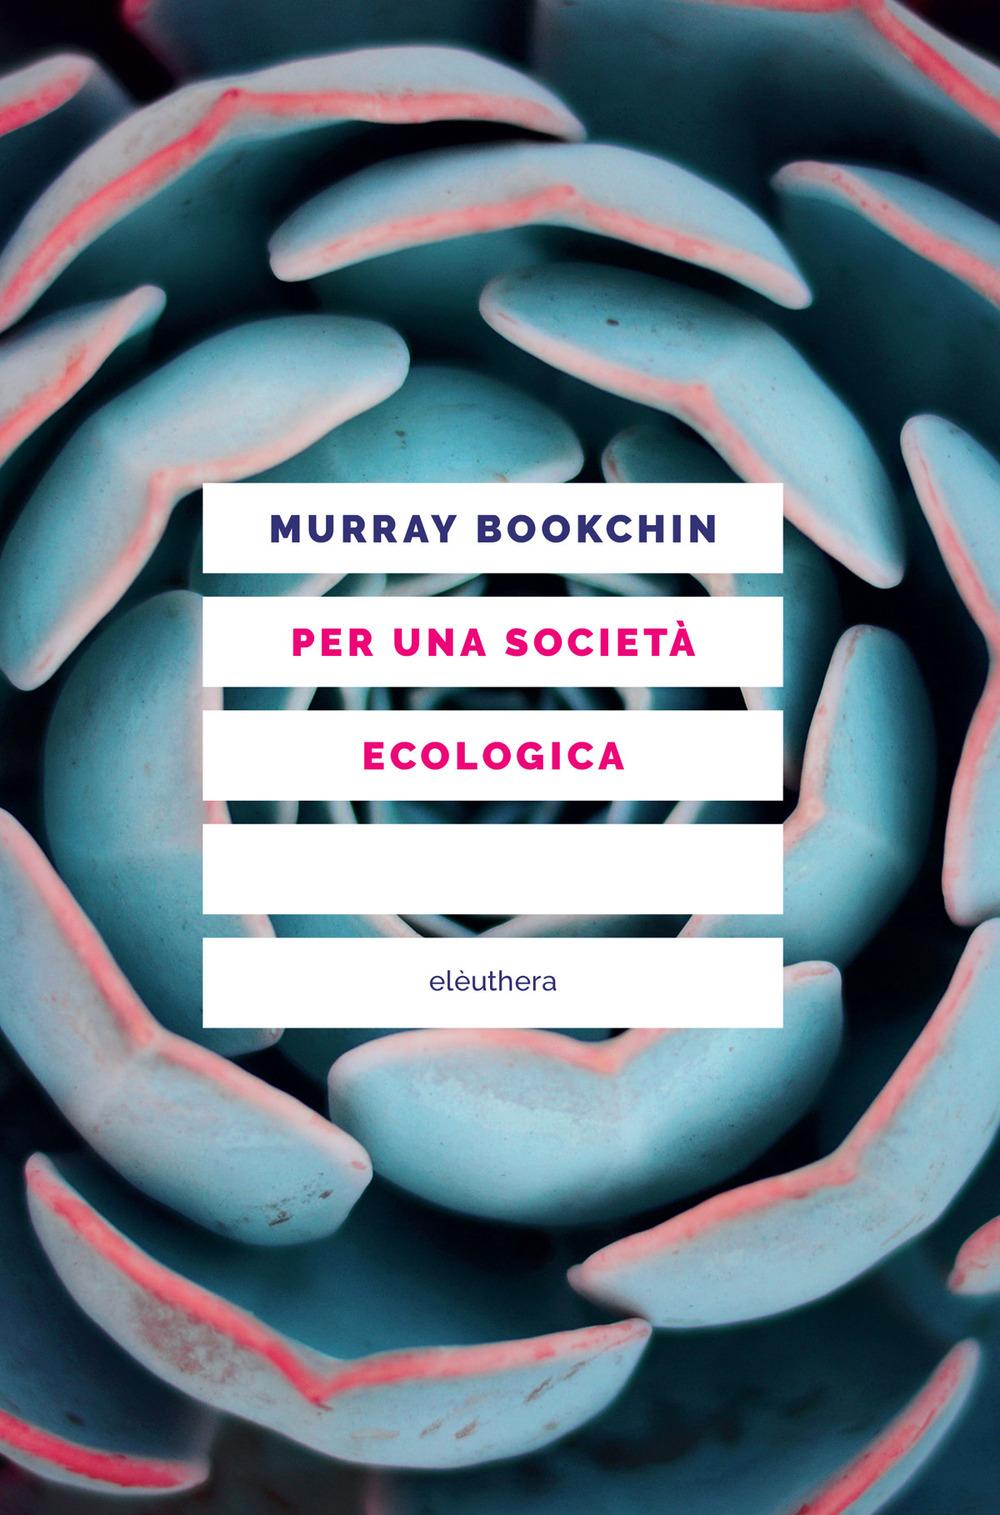 PER UNA SOCIETÀ ECOLOGICA. TESI SUL MUNICIPALISMO LIBERTARIO E LA RIVOLUZIONE SOCIALE - Bookchin Murray - 9788833021041